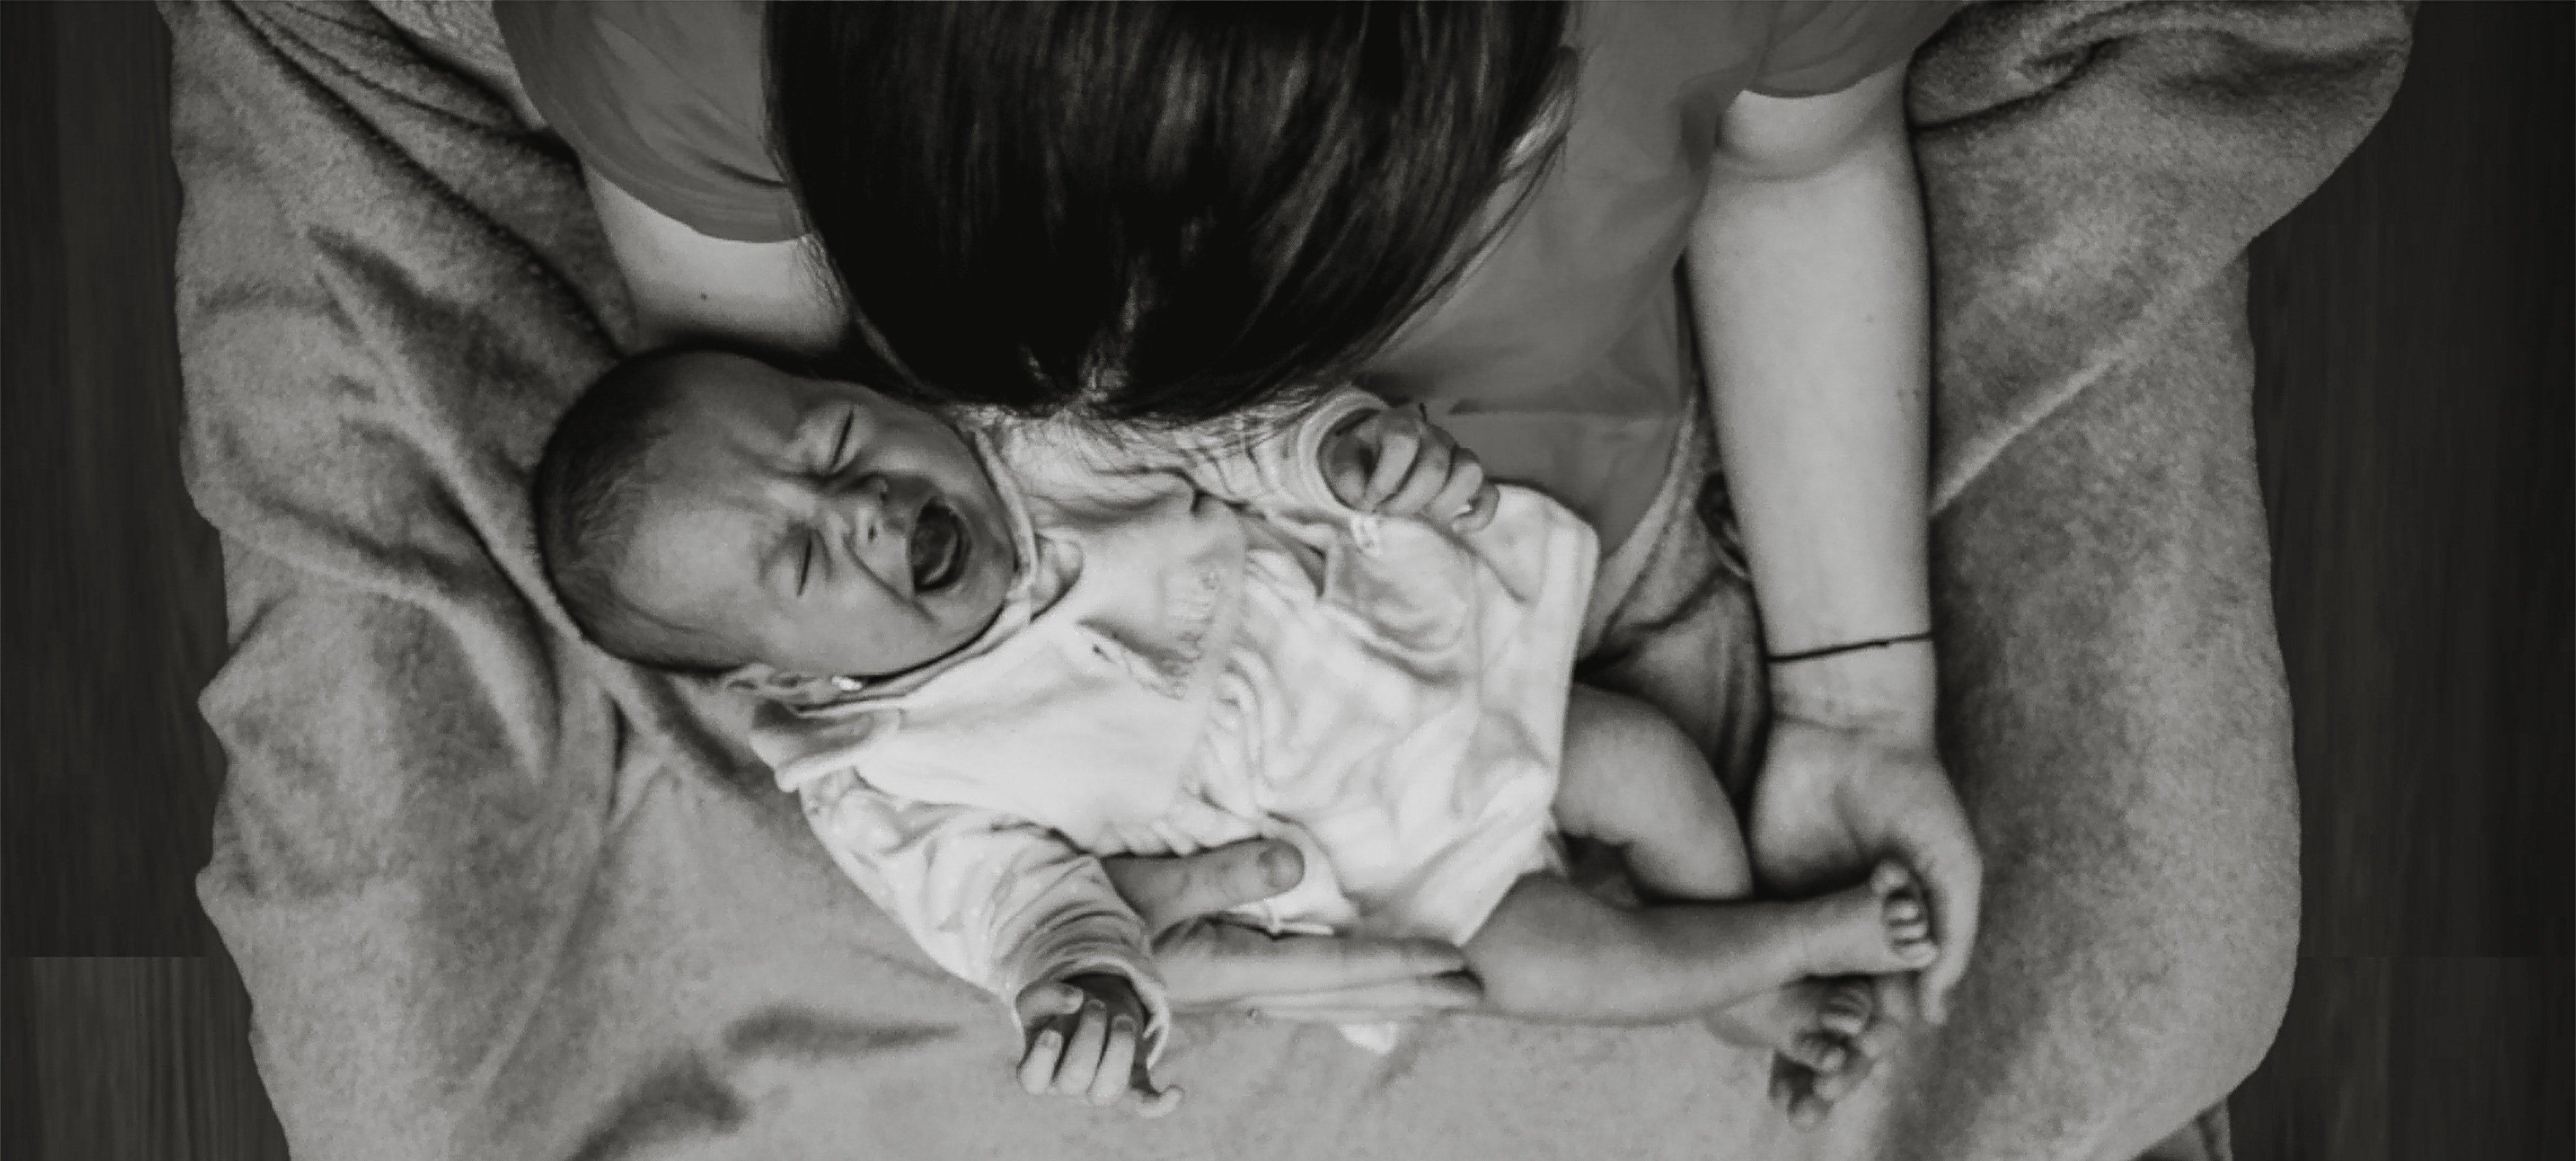 Mai da sole. Le difficoltà di una madre.